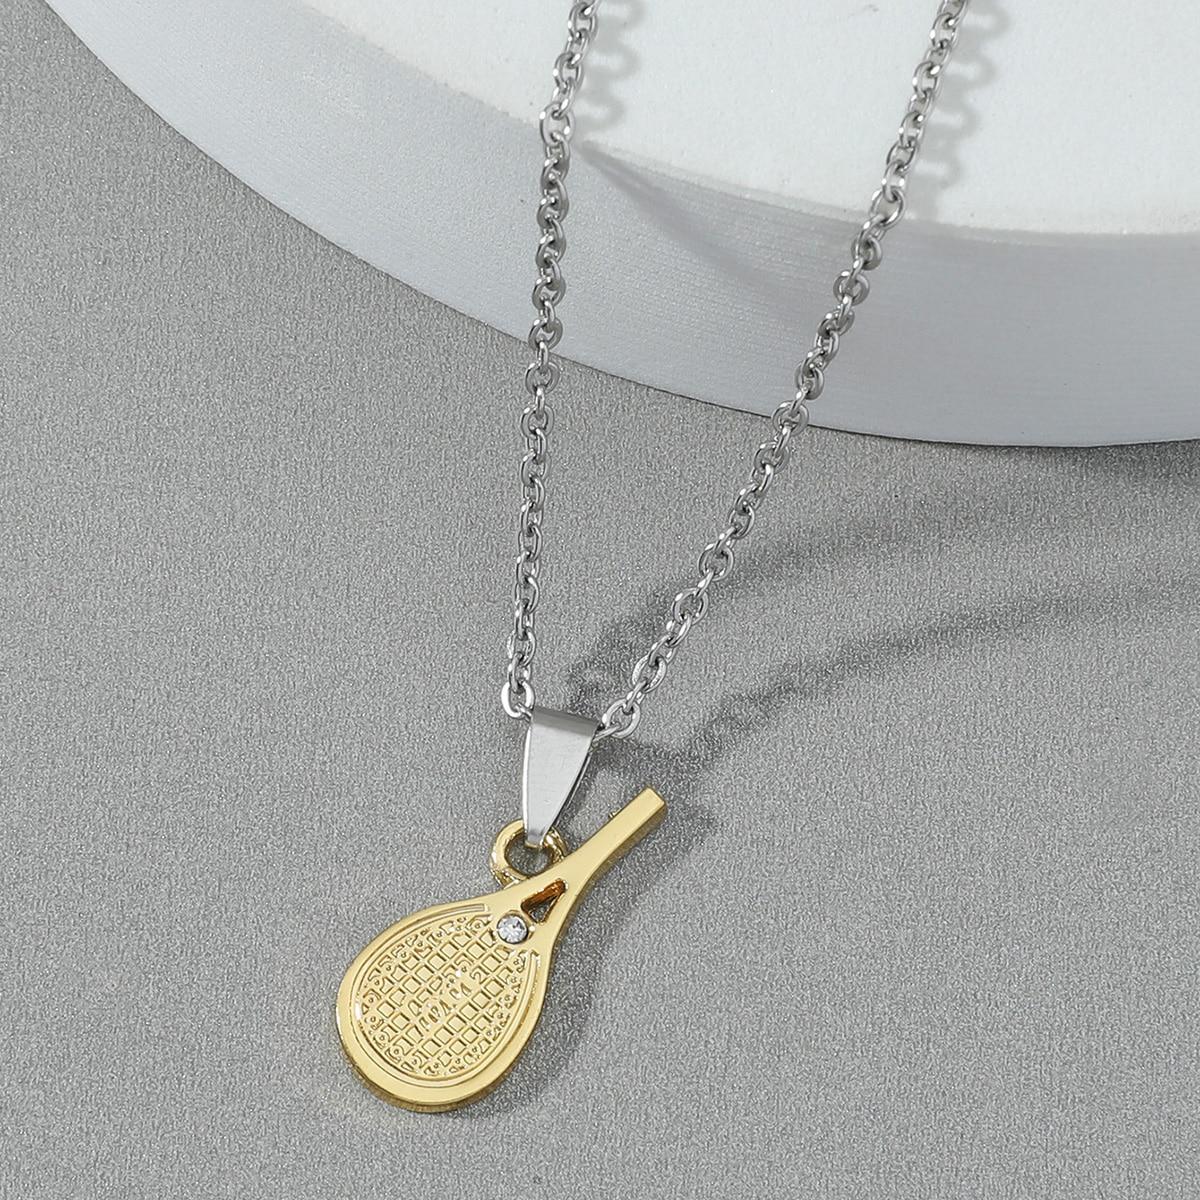 Мужской Ожерелье теннисная ракетка